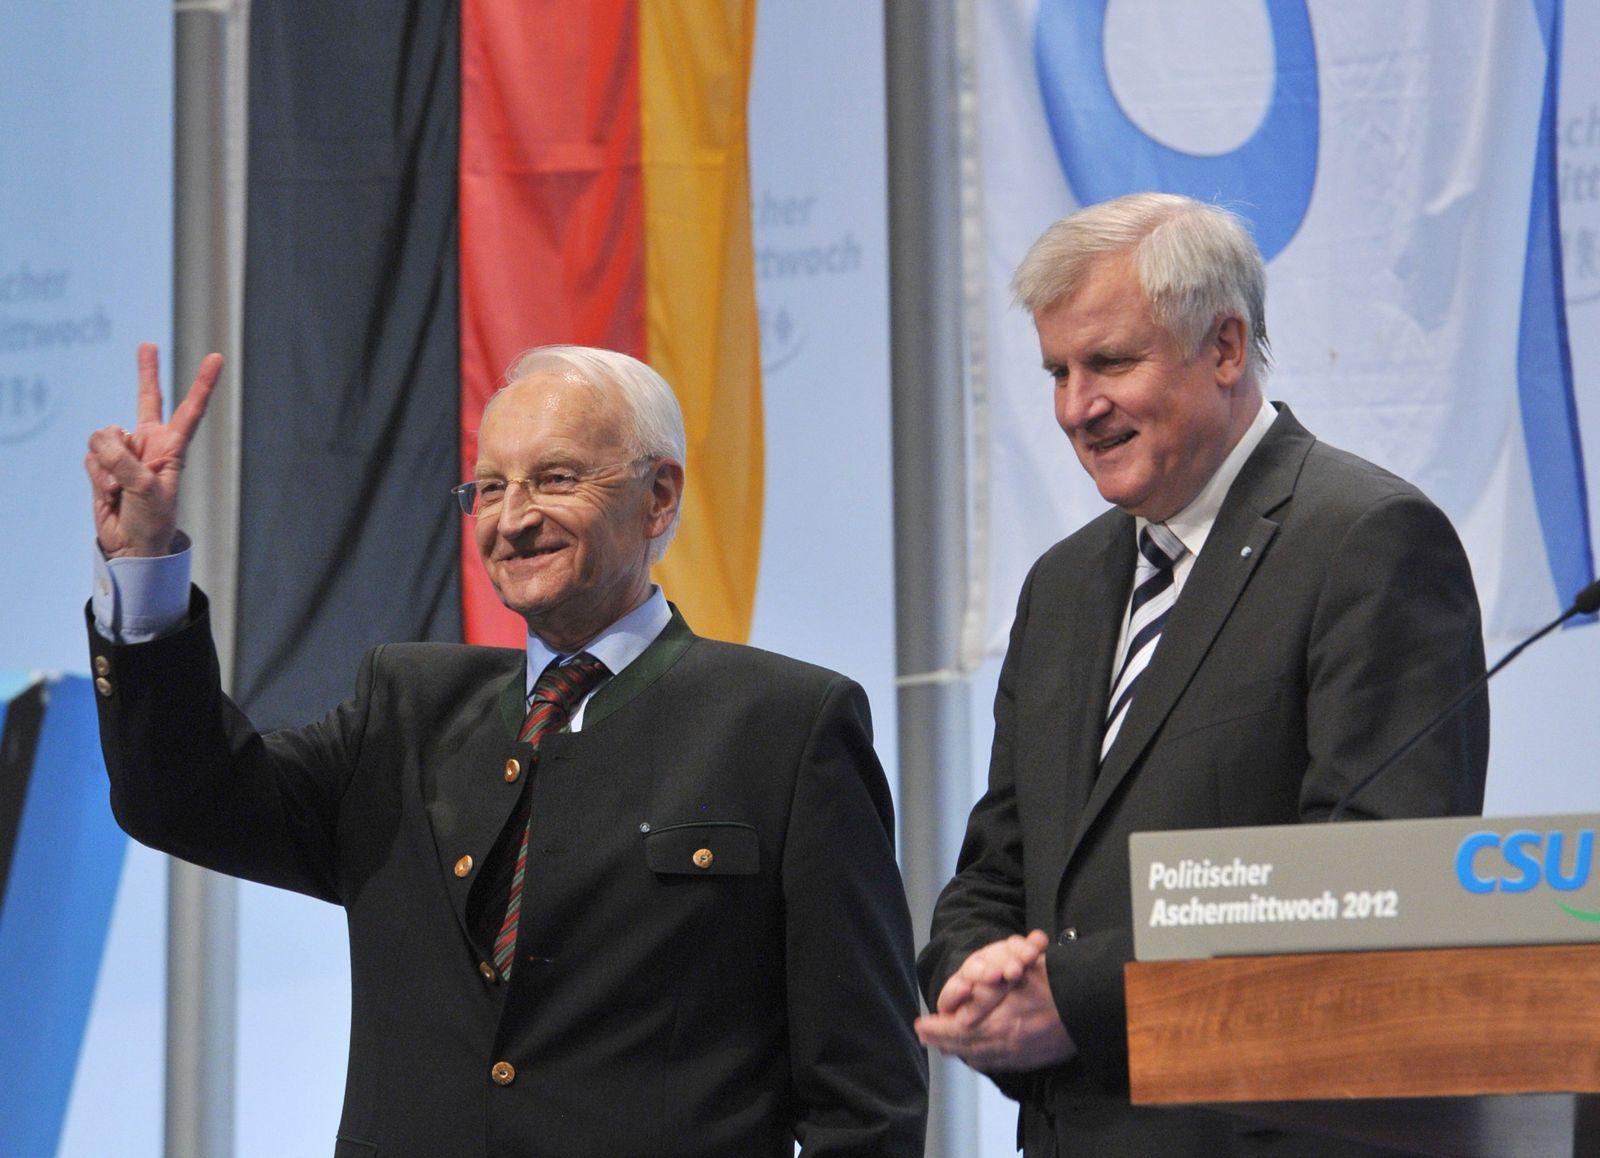 Edmund Stoiber / Horst Seehofer